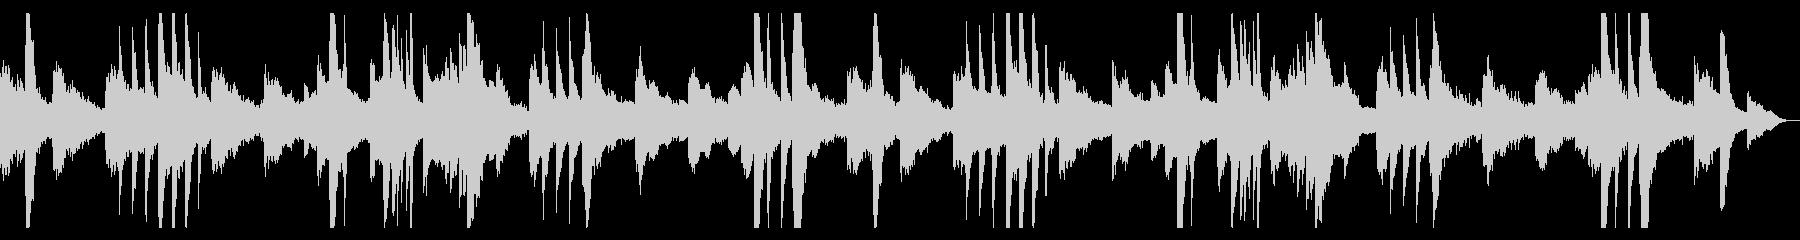 ピアノとギターのアンビエント1の未再生の波形